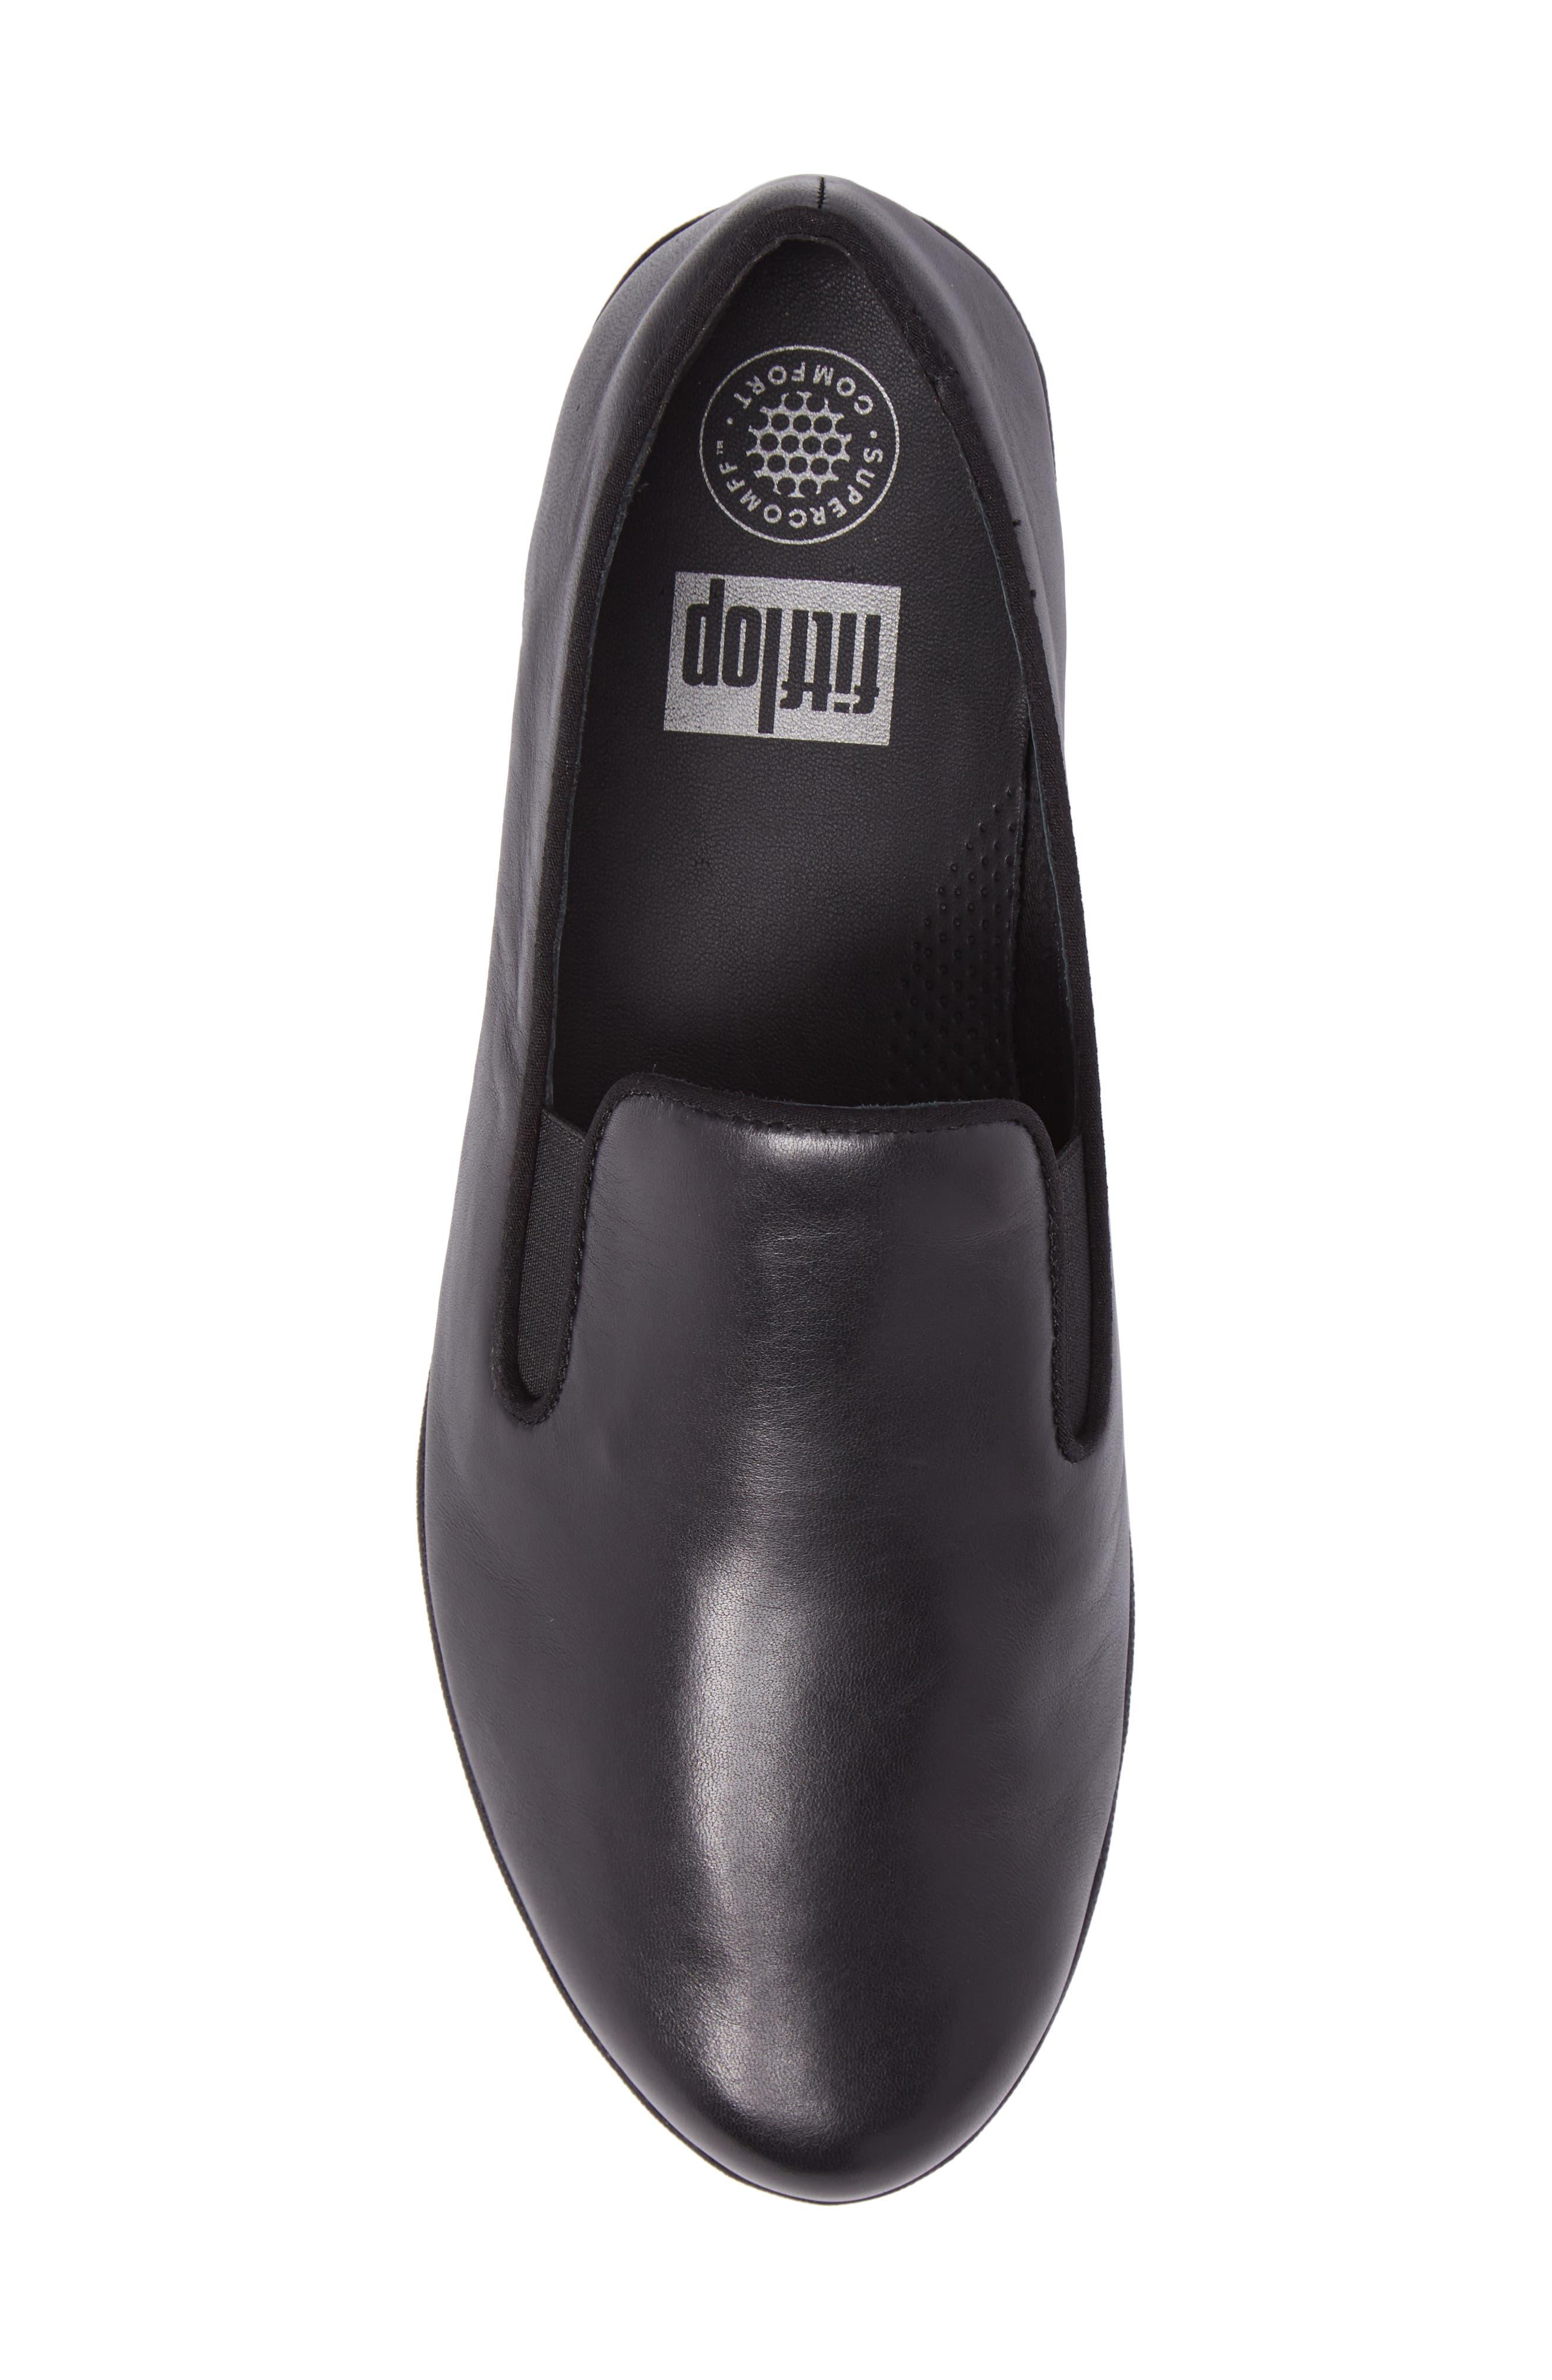 Superskate Slip-On Sneaker,                             Alternate thumbnail 5, color,                             004